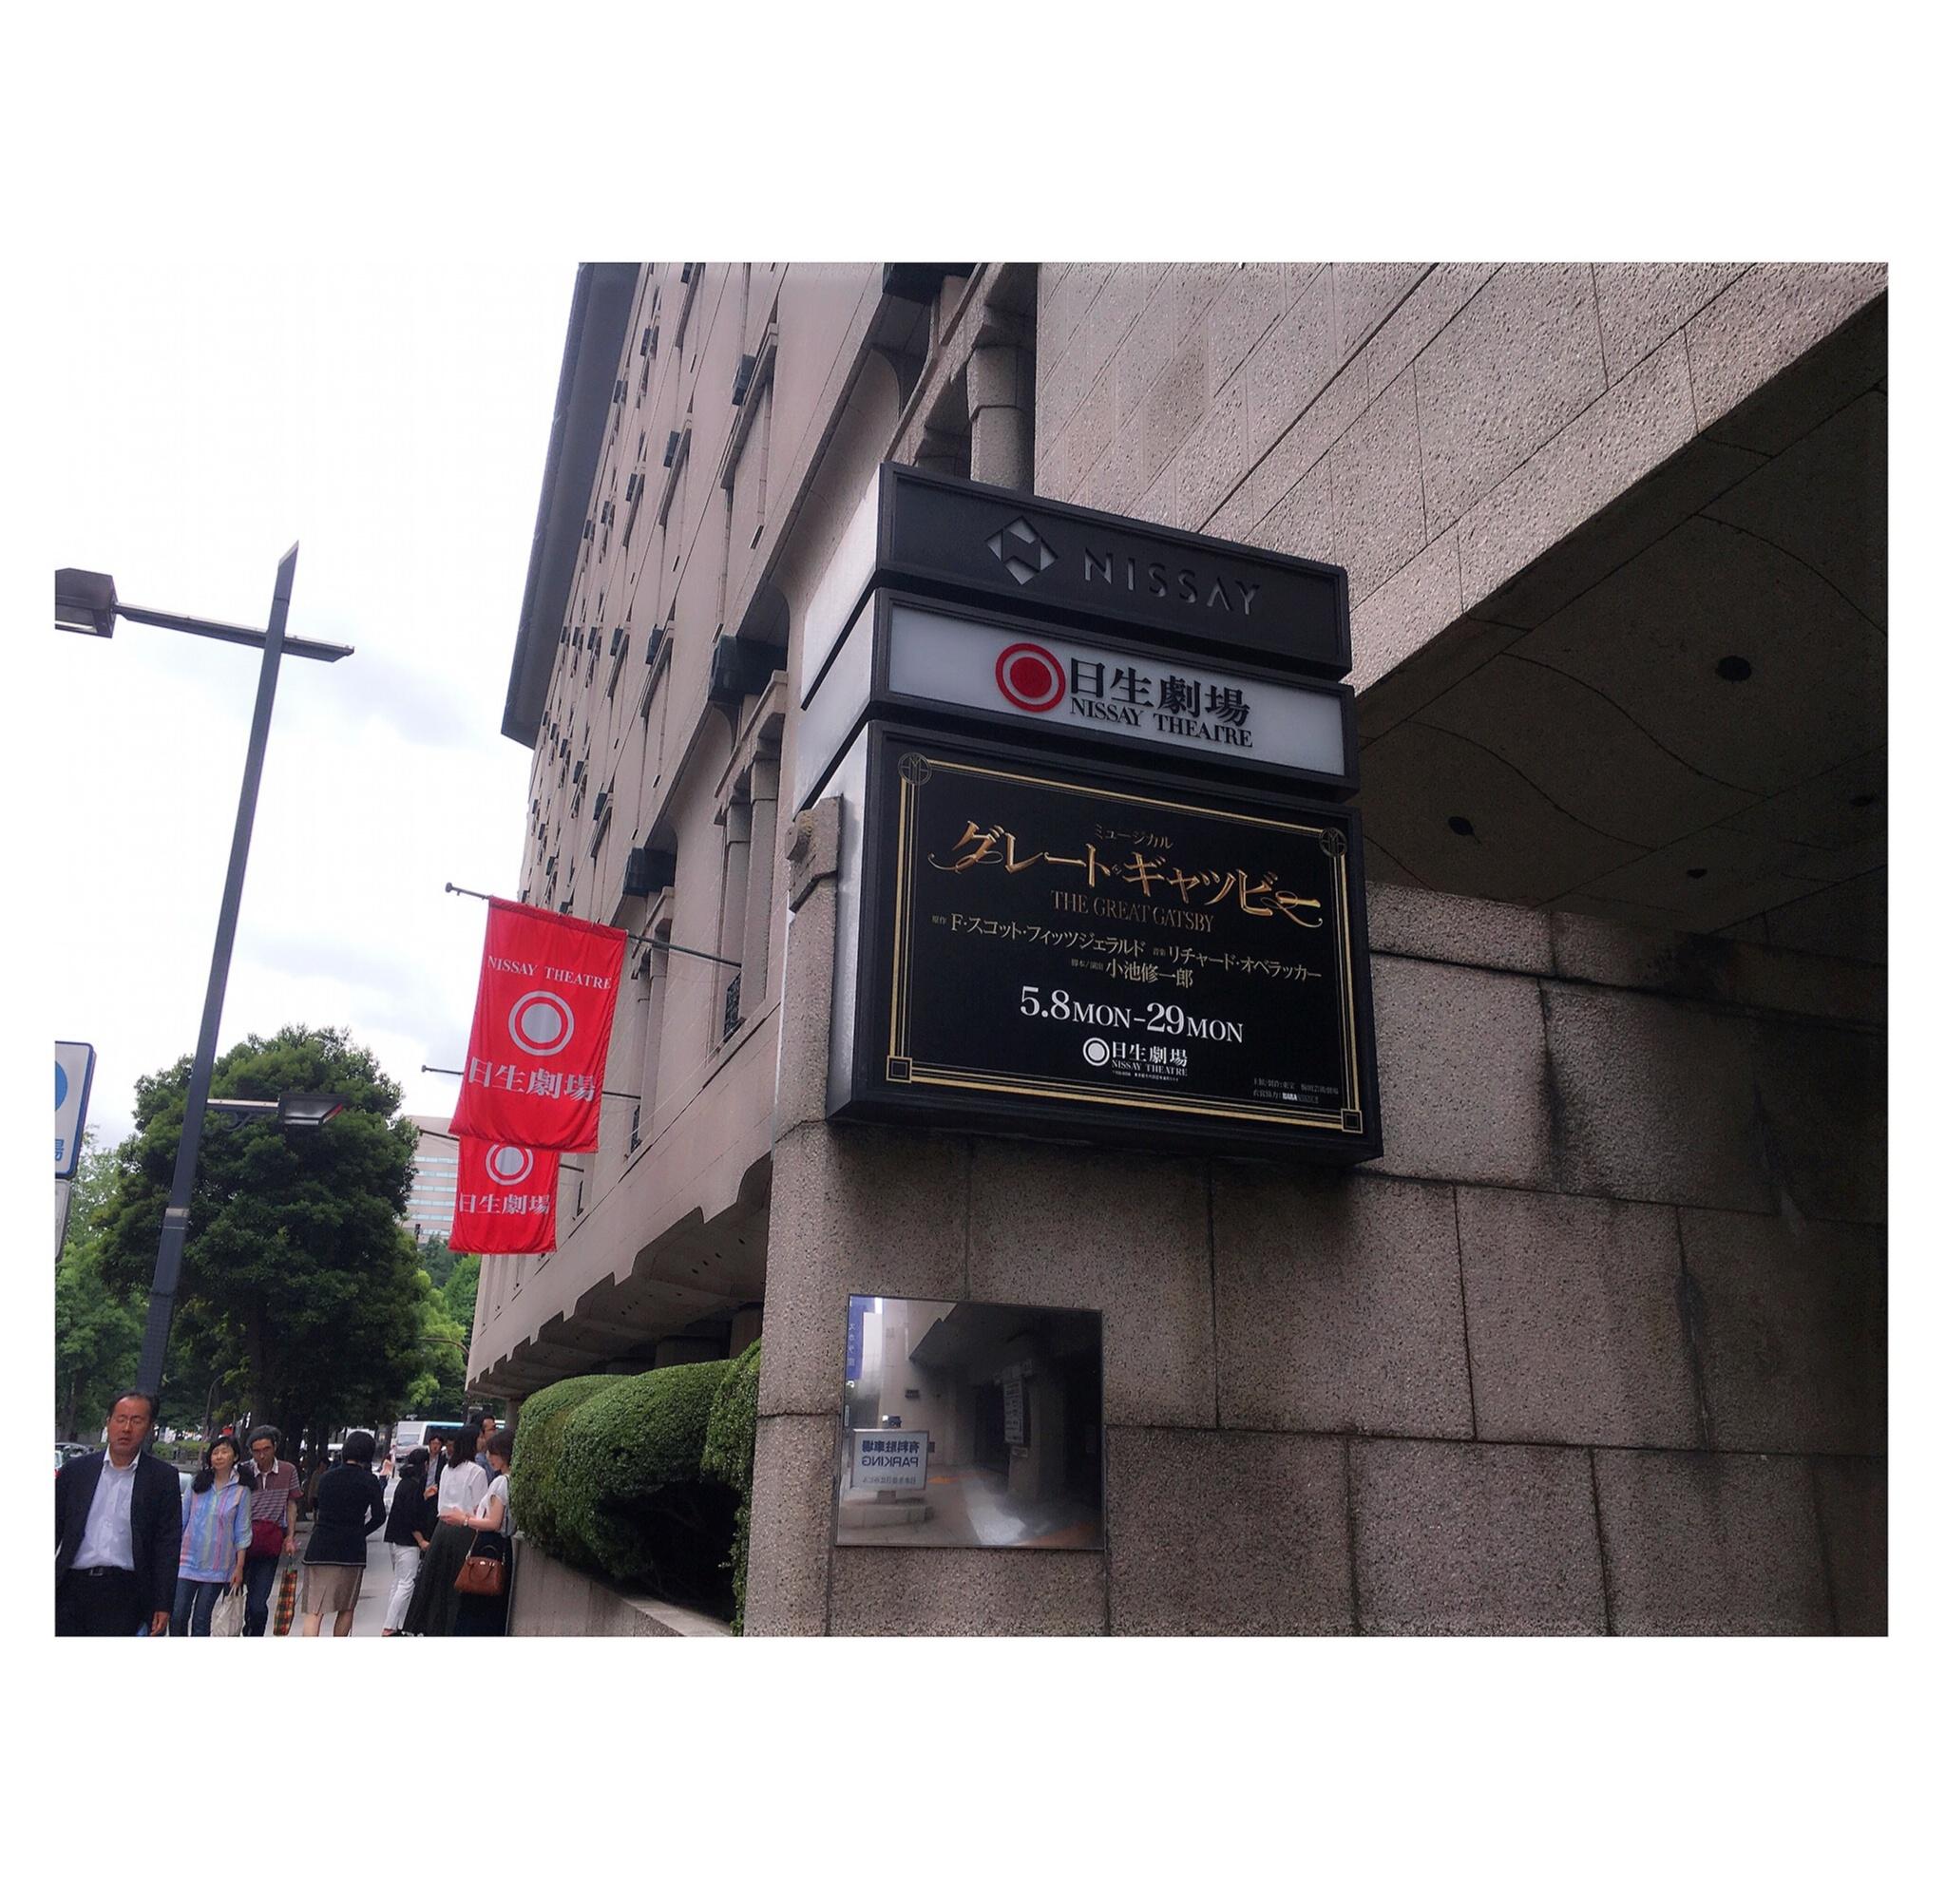 【お安く観られるチケットも…?】ミュージカル界のプリンス主演「グレート・ギャツビー」を観劇して感激してきました!笑  明日7月4日からは…!?_3